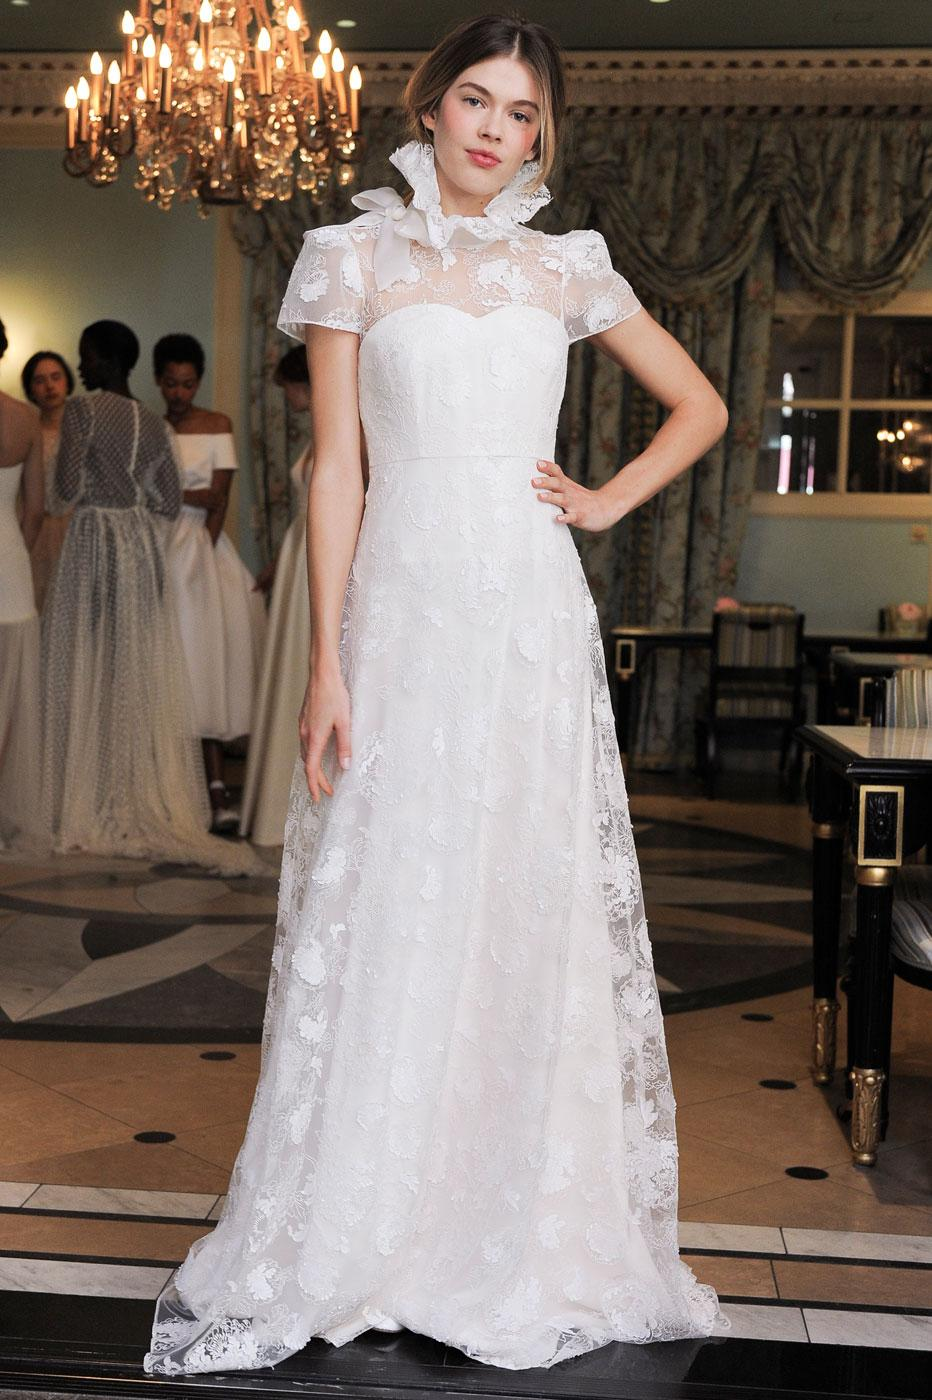 Robe de mari e 2017 annecy id es et d 39 inspiration sur le for Meilleures robes de mariage d automne 2017